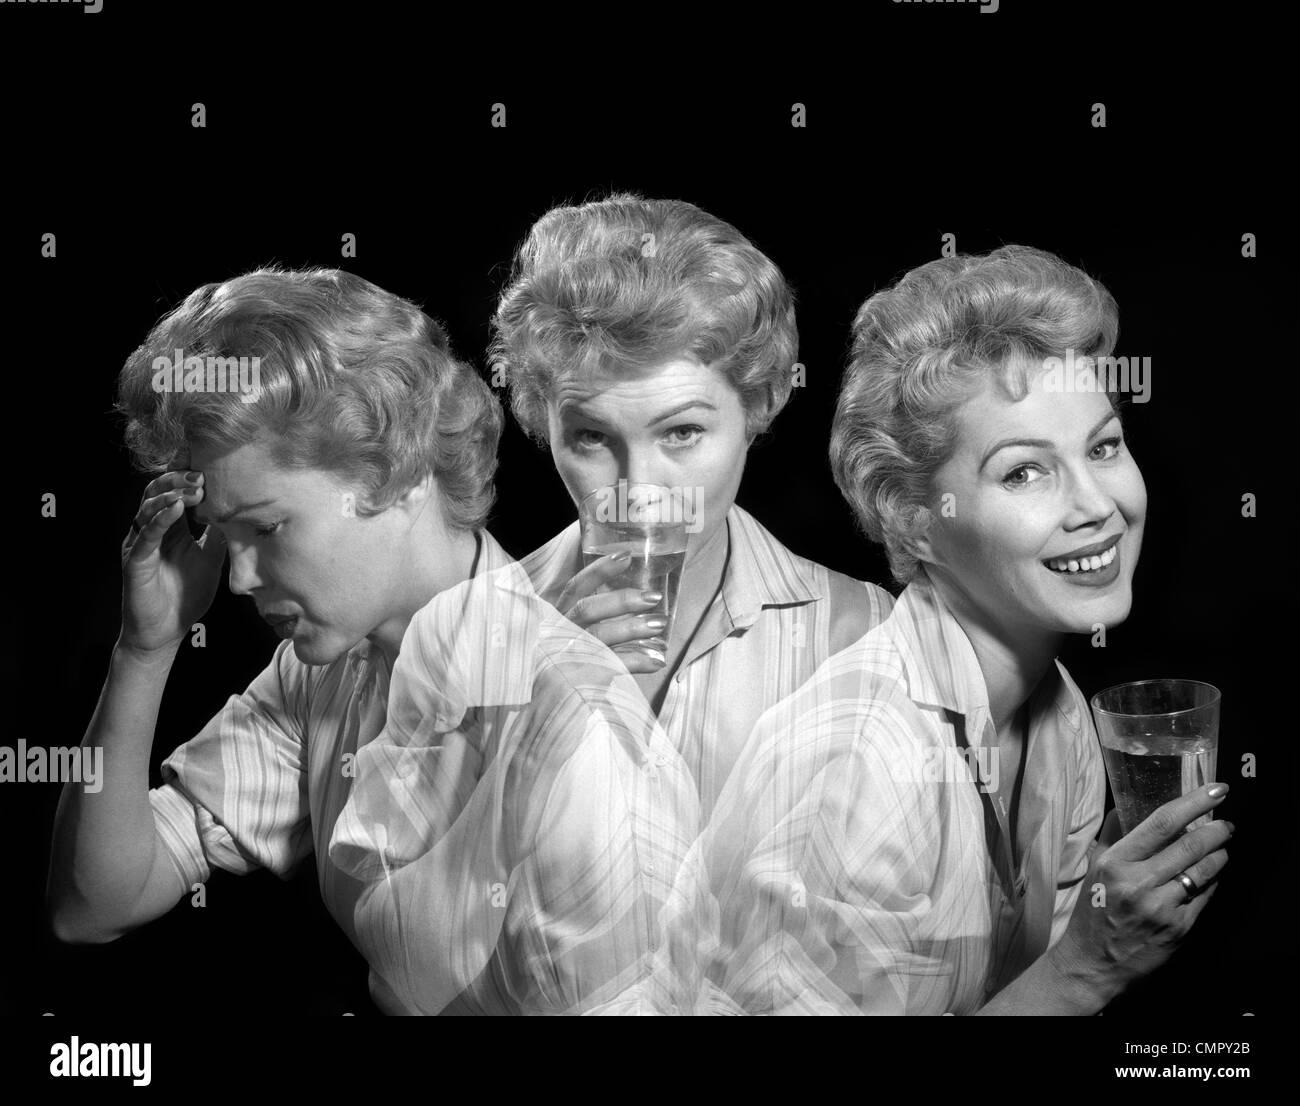 1950 1960 Exposición múltiple MUJER CON UN DOLOR DE CABEZA TOMANDO MEDICAMENTOS Y sonriendo con EXPRESIÓN Imagen De Stock